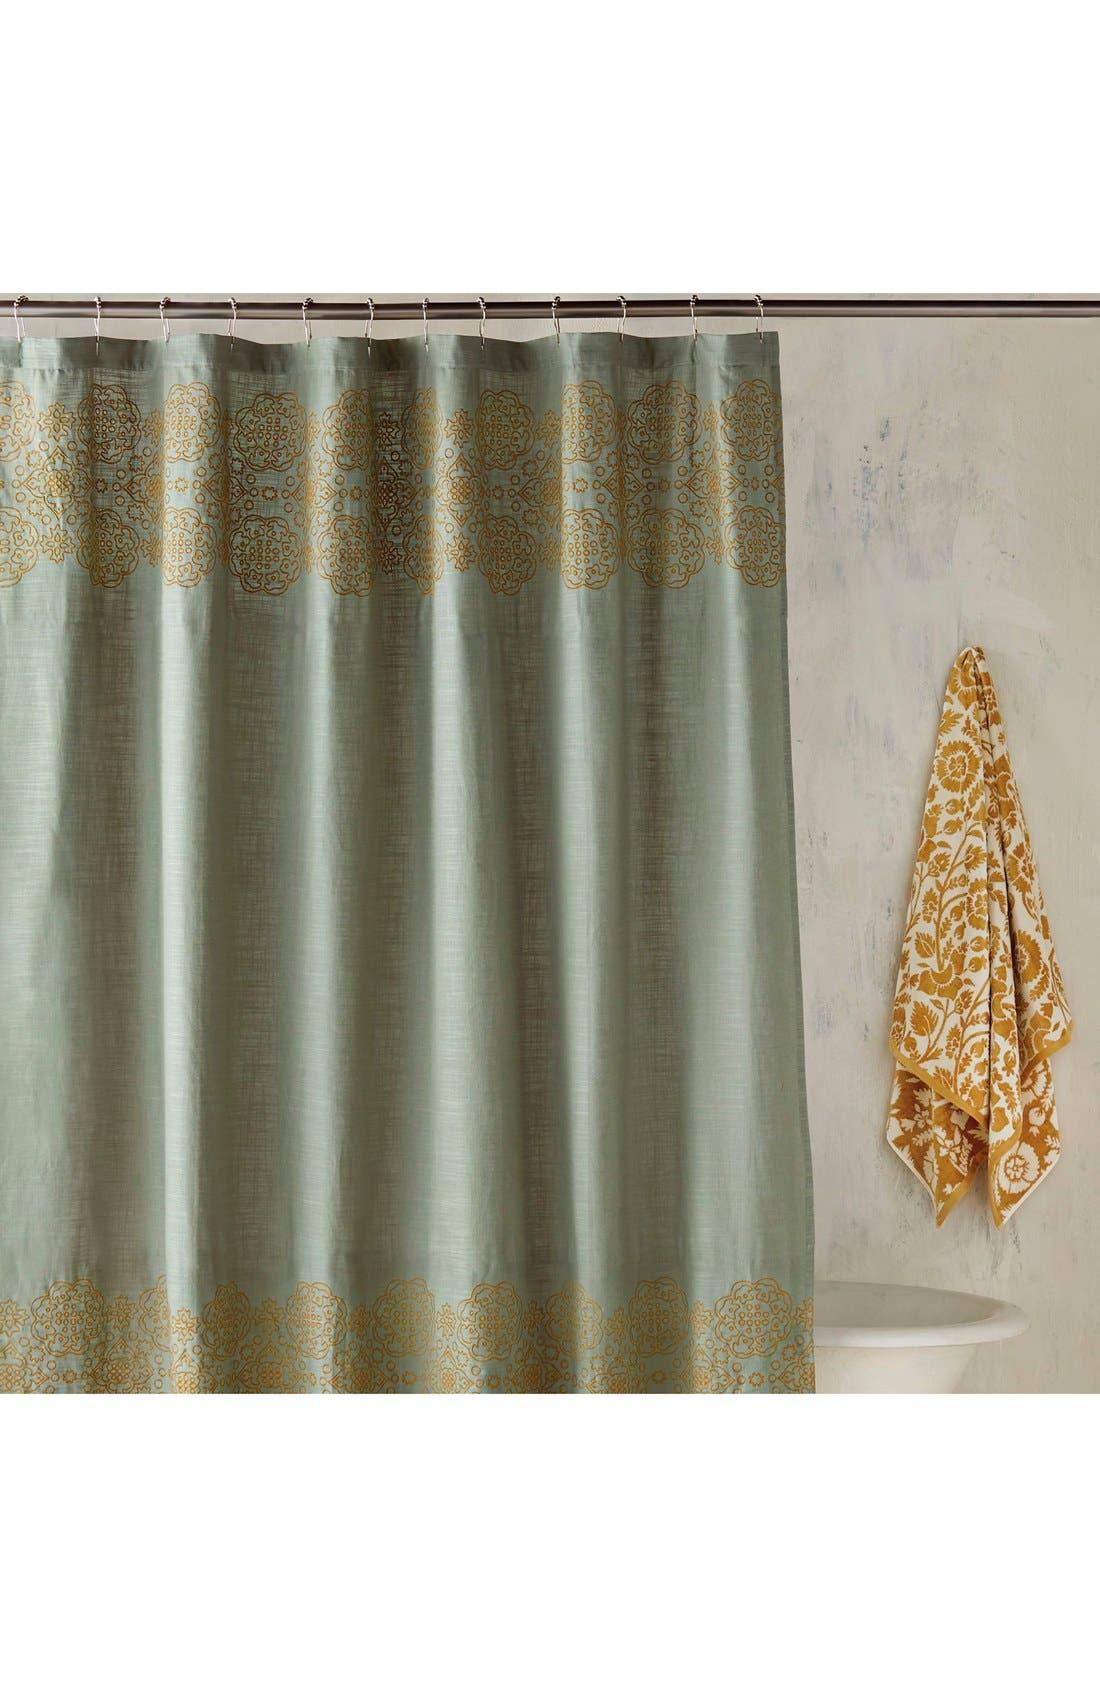 Main Image - John Robshaw 'Ajrak' Shower Curtain